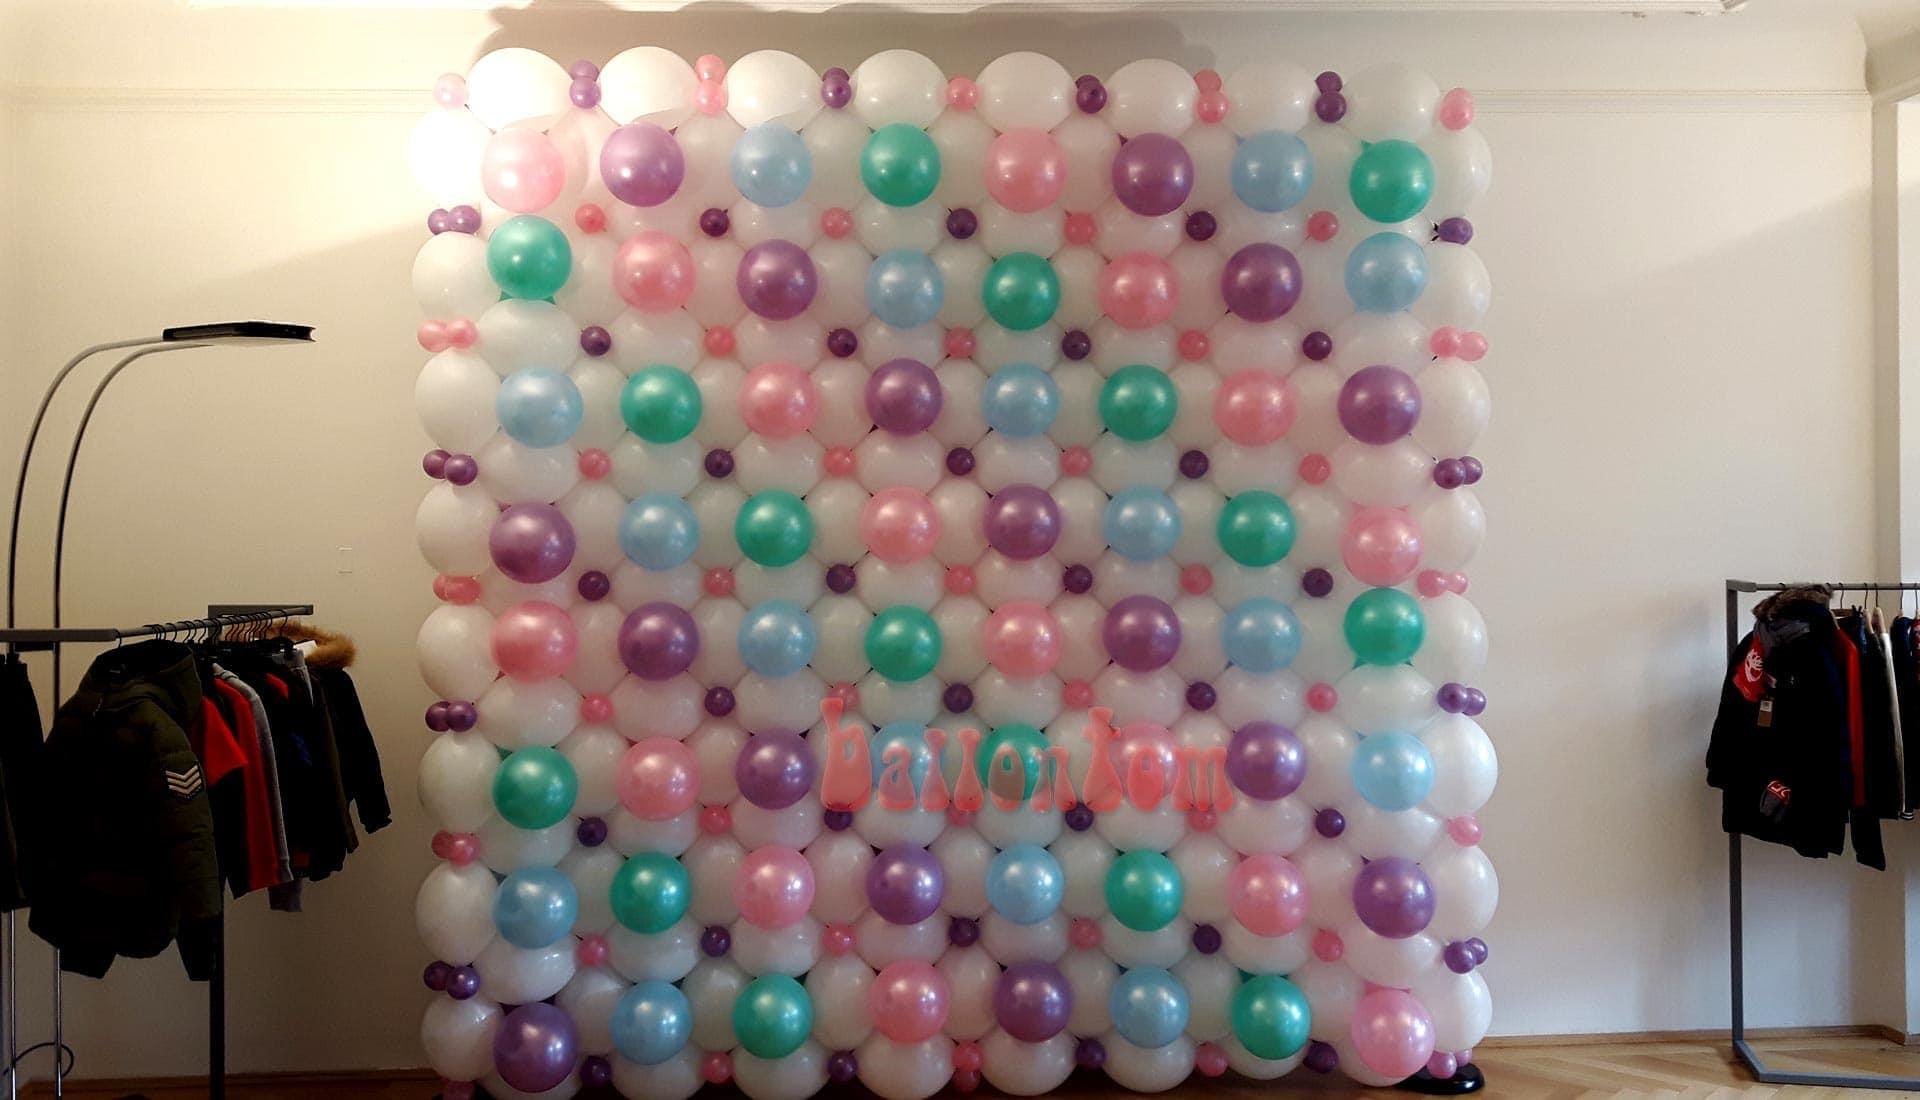 Ballonwand für eine Modeschau in München